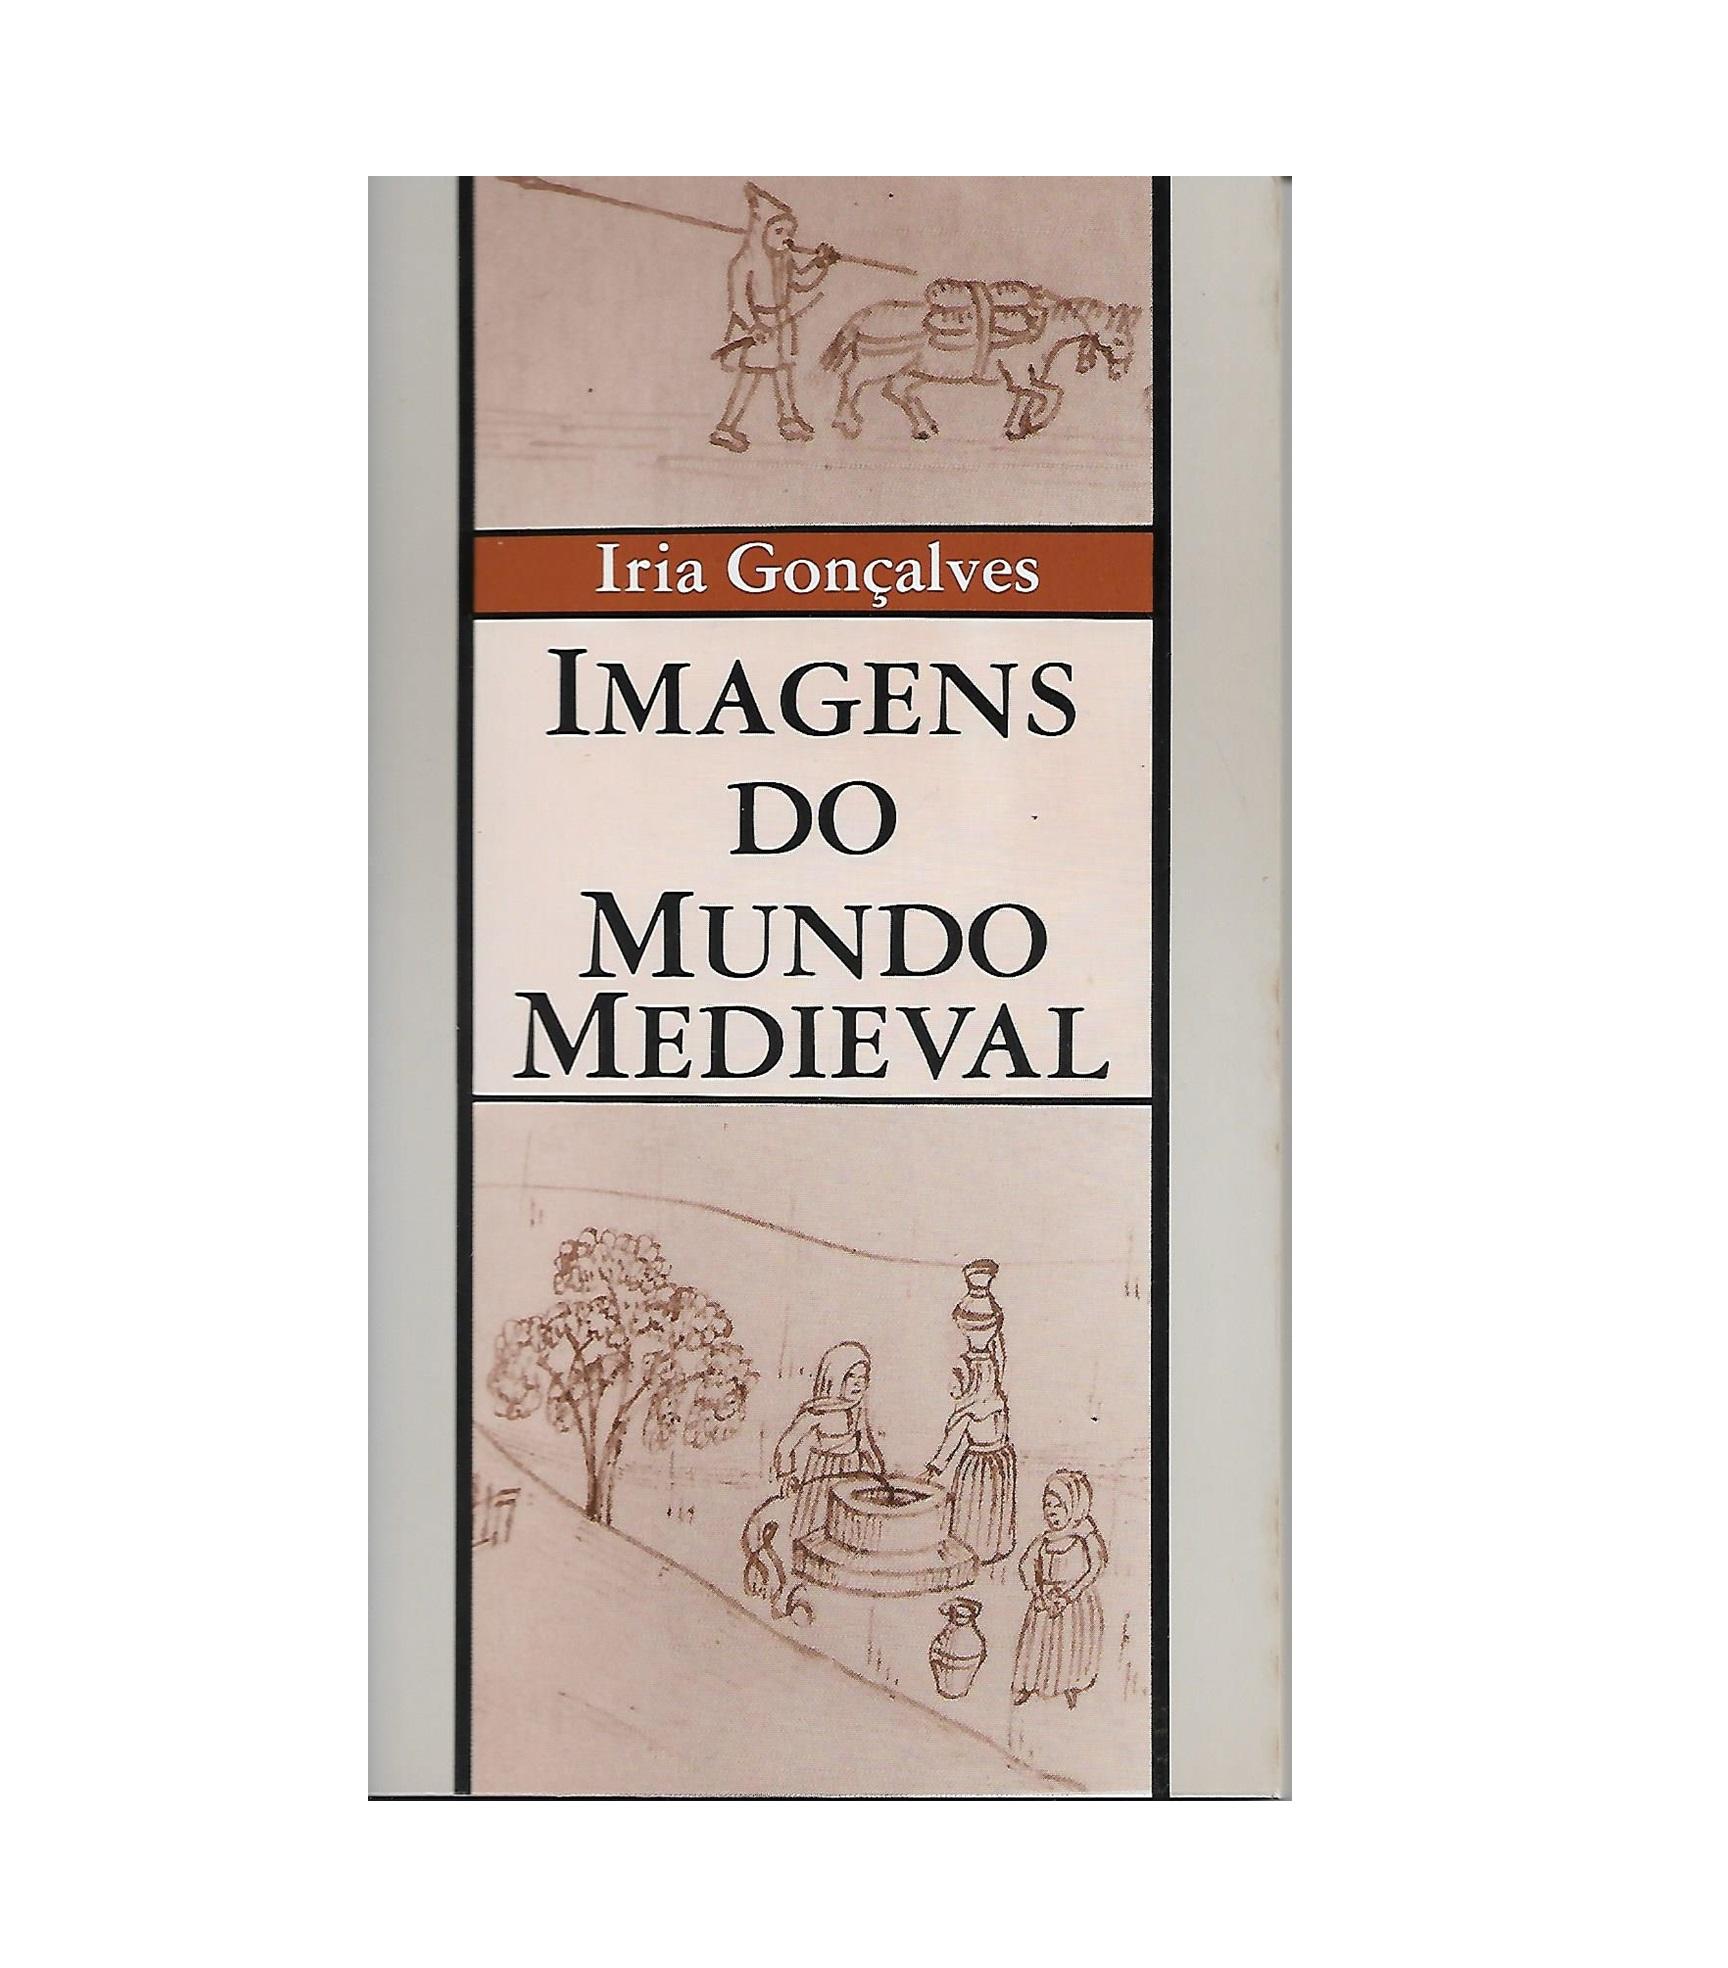 Imagens do mundo medieval